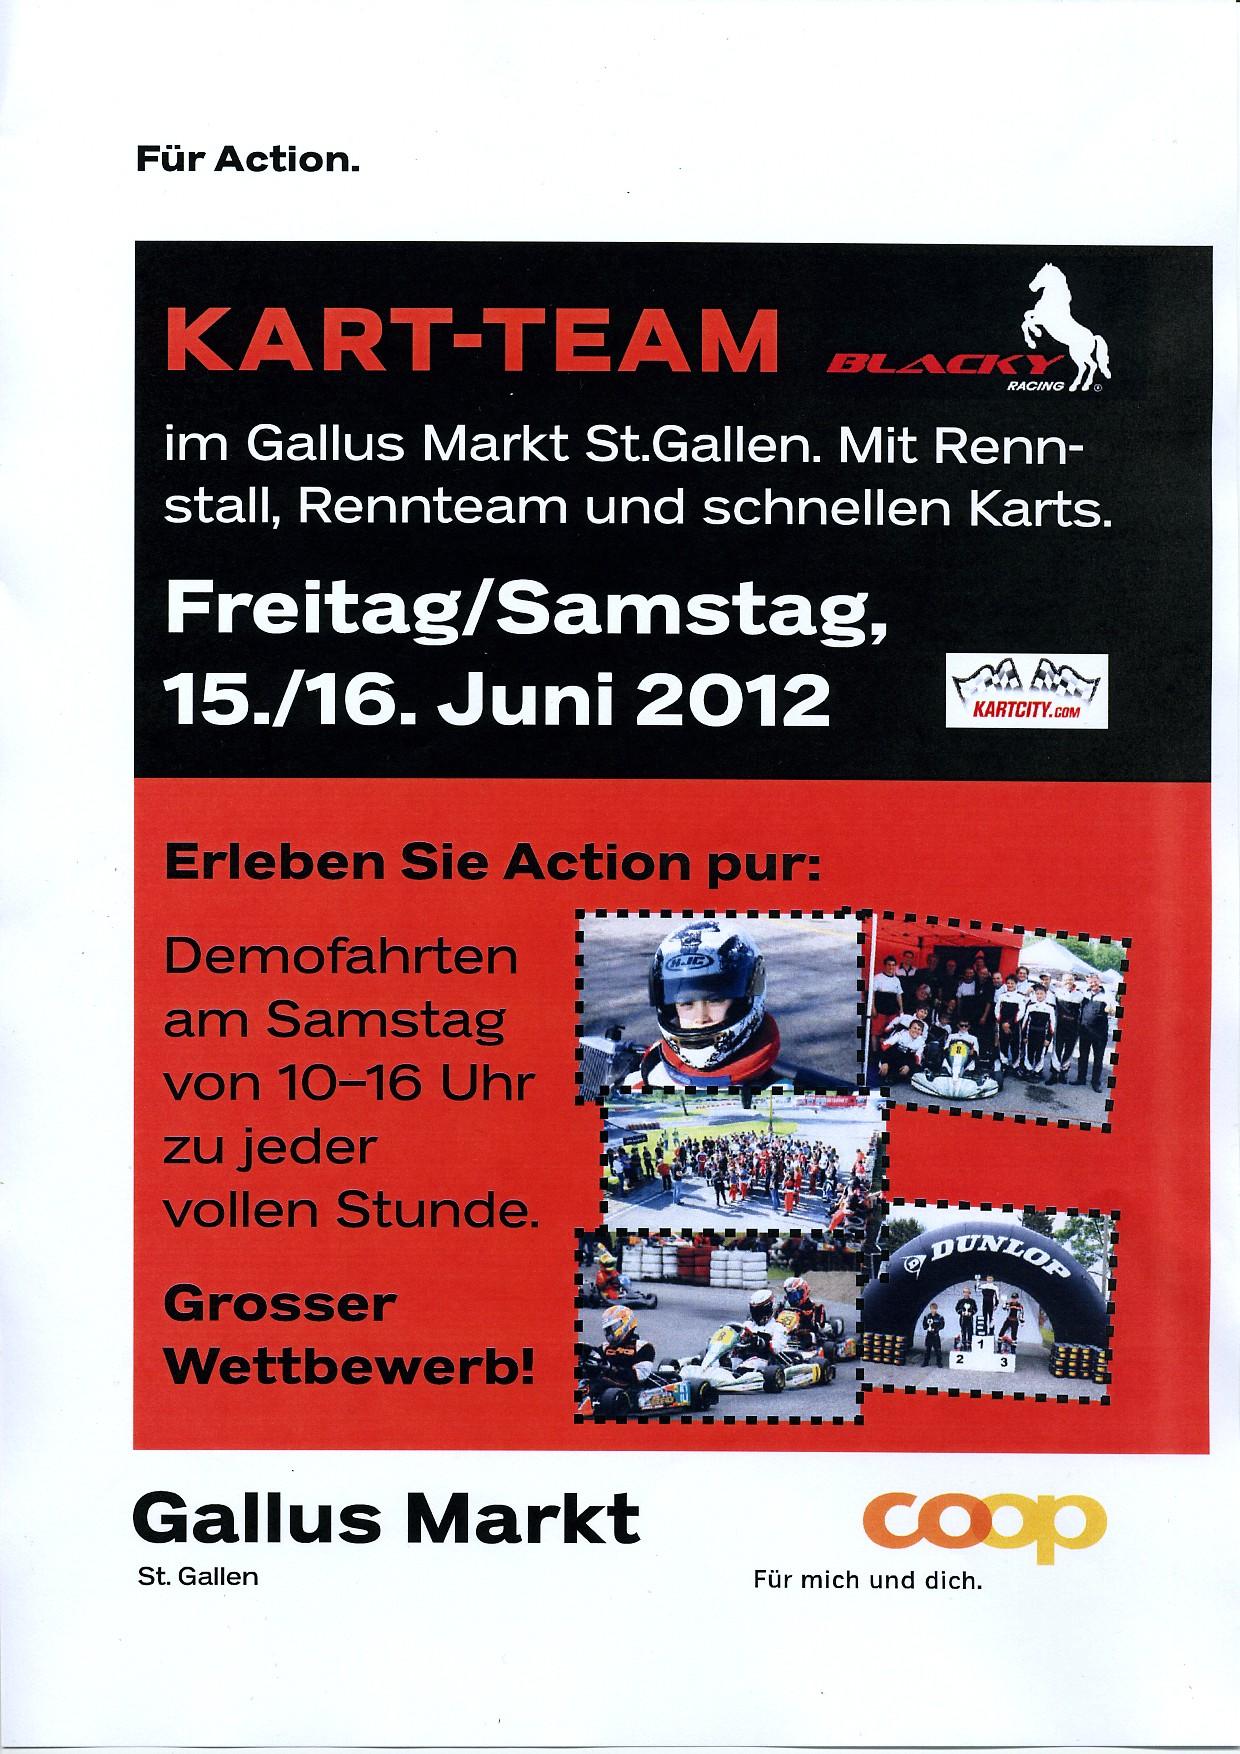 Coop Kart Event 2012